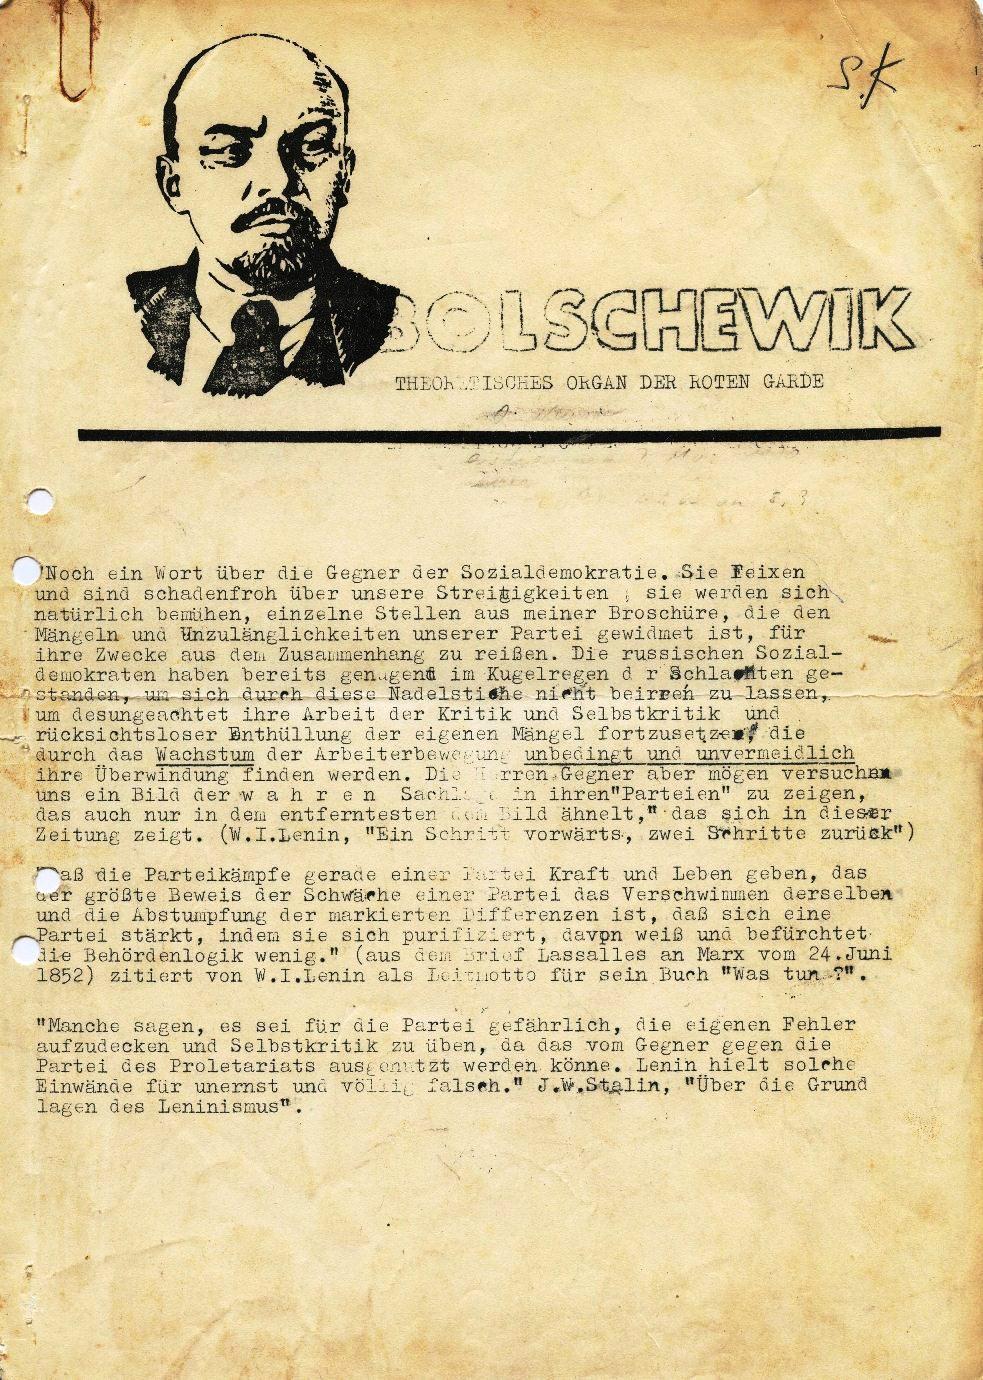 RG_Bolschewik_1970_00_001